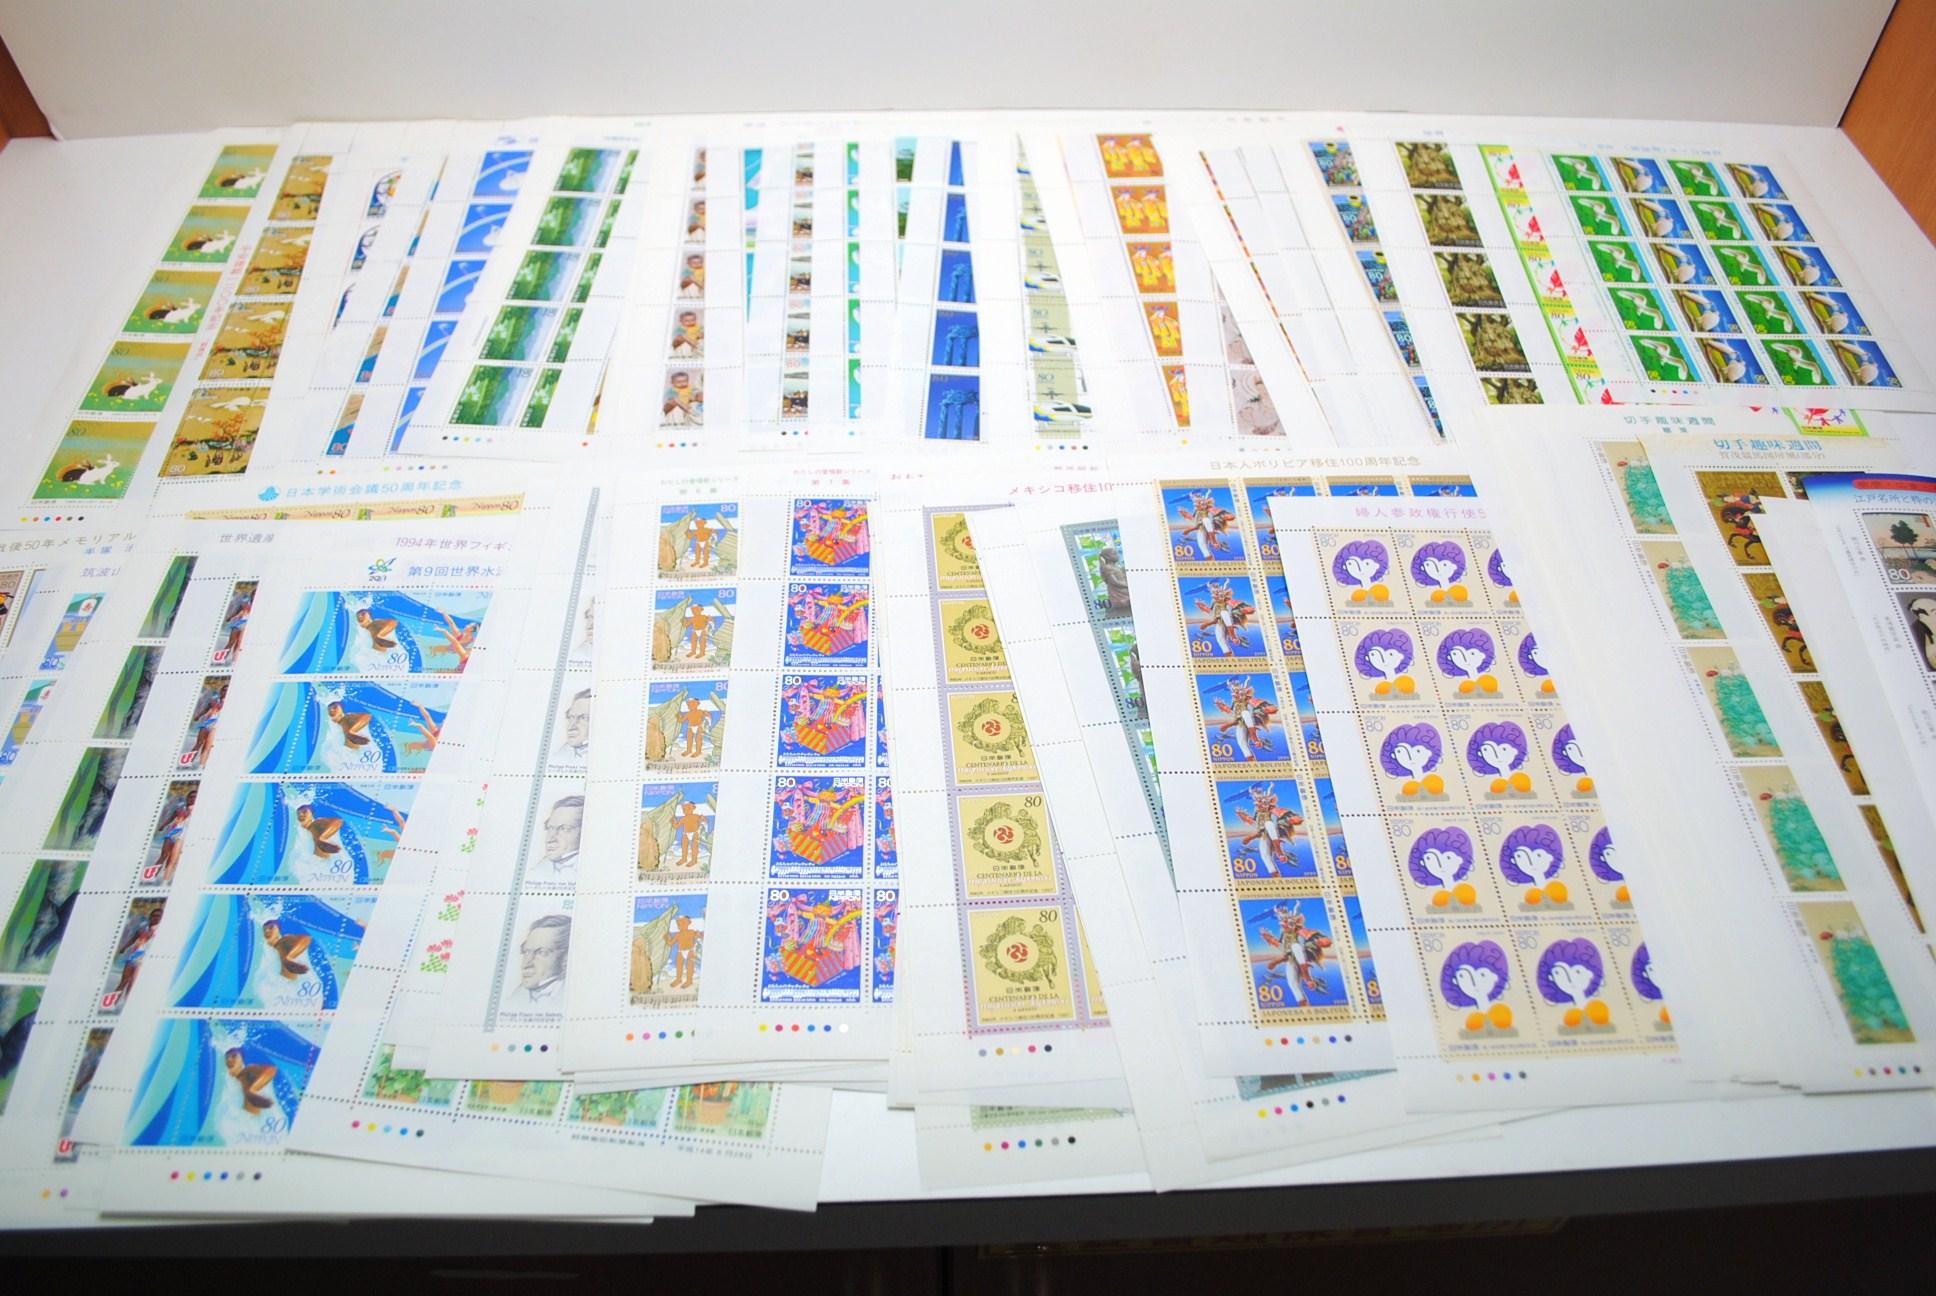 89702b92ed2f 現在ジャム鳥取店では高価買取をさせて頂いていますシートの切手はもちろん、バラの切手も大歓迎! 昭和20年以前の切手も鑑定できます。